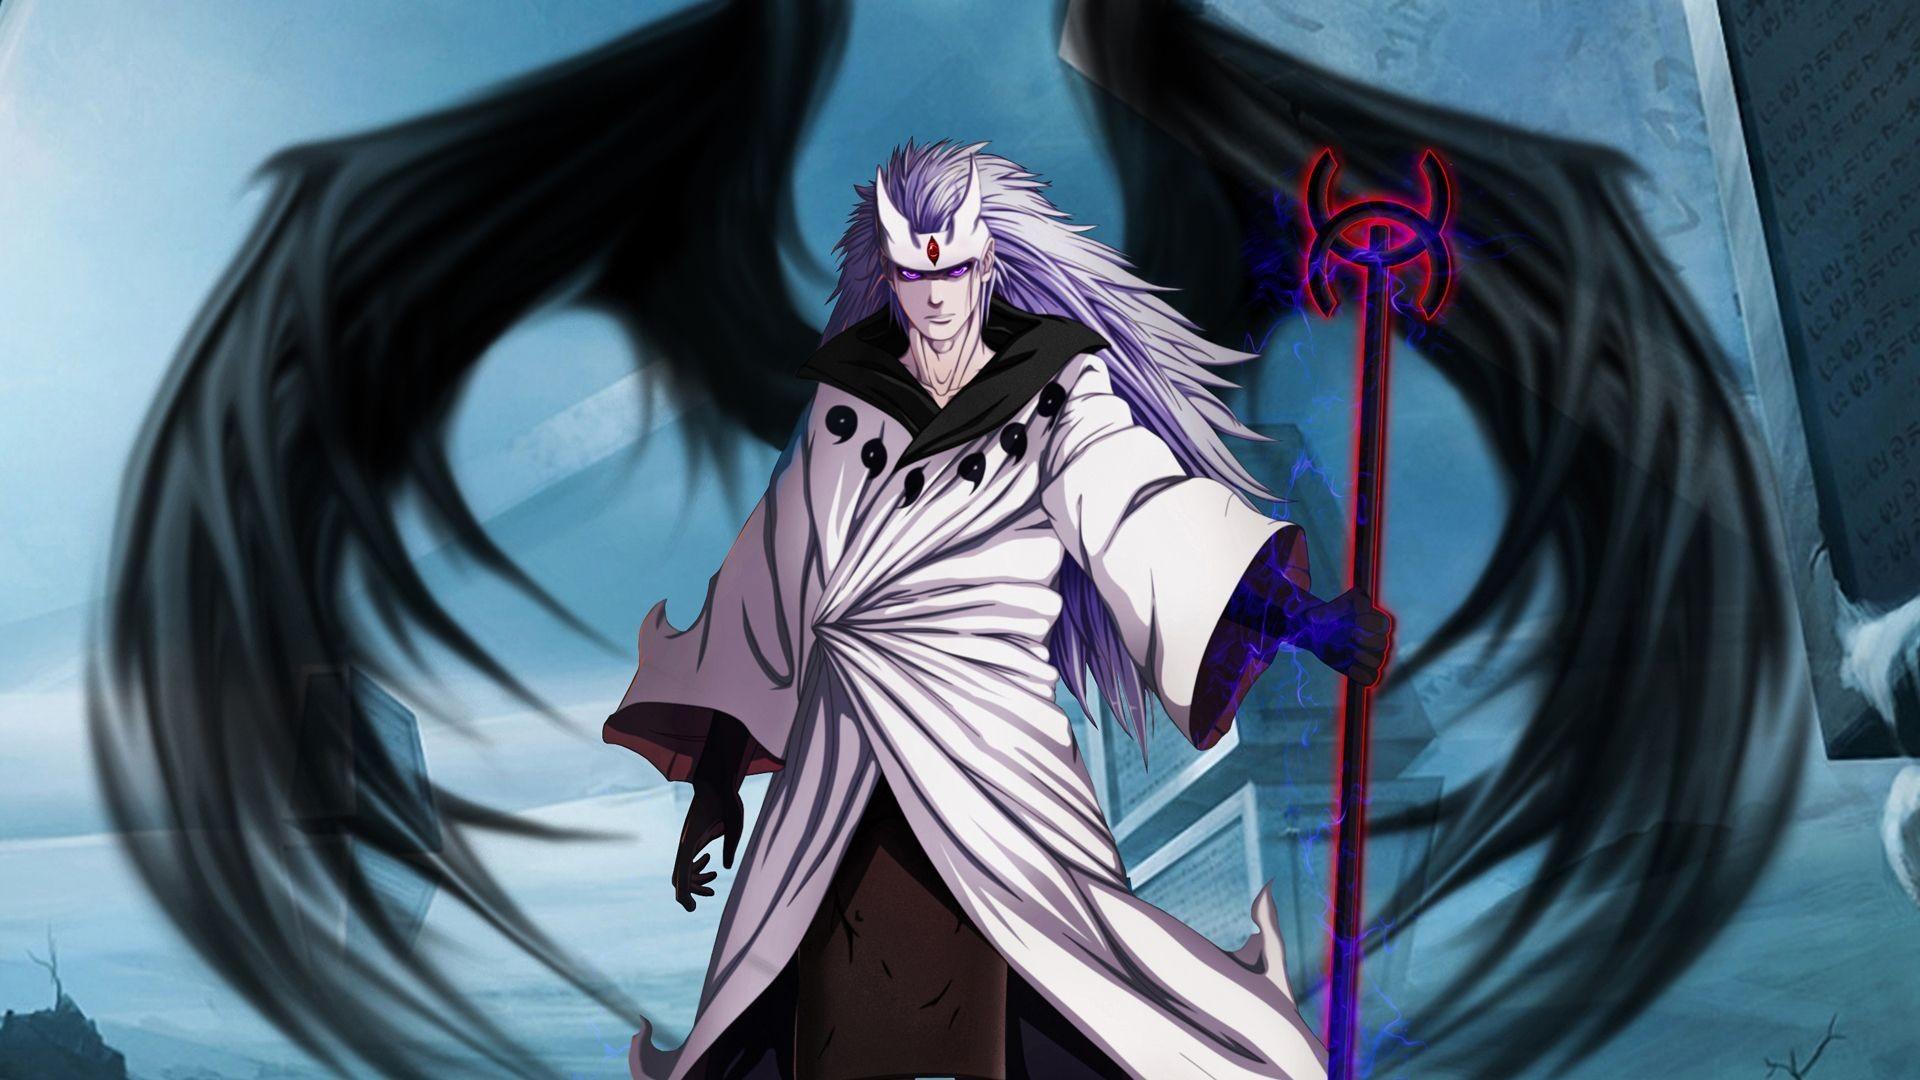 sasuke uchiha rinnegan wallpaper  63  images